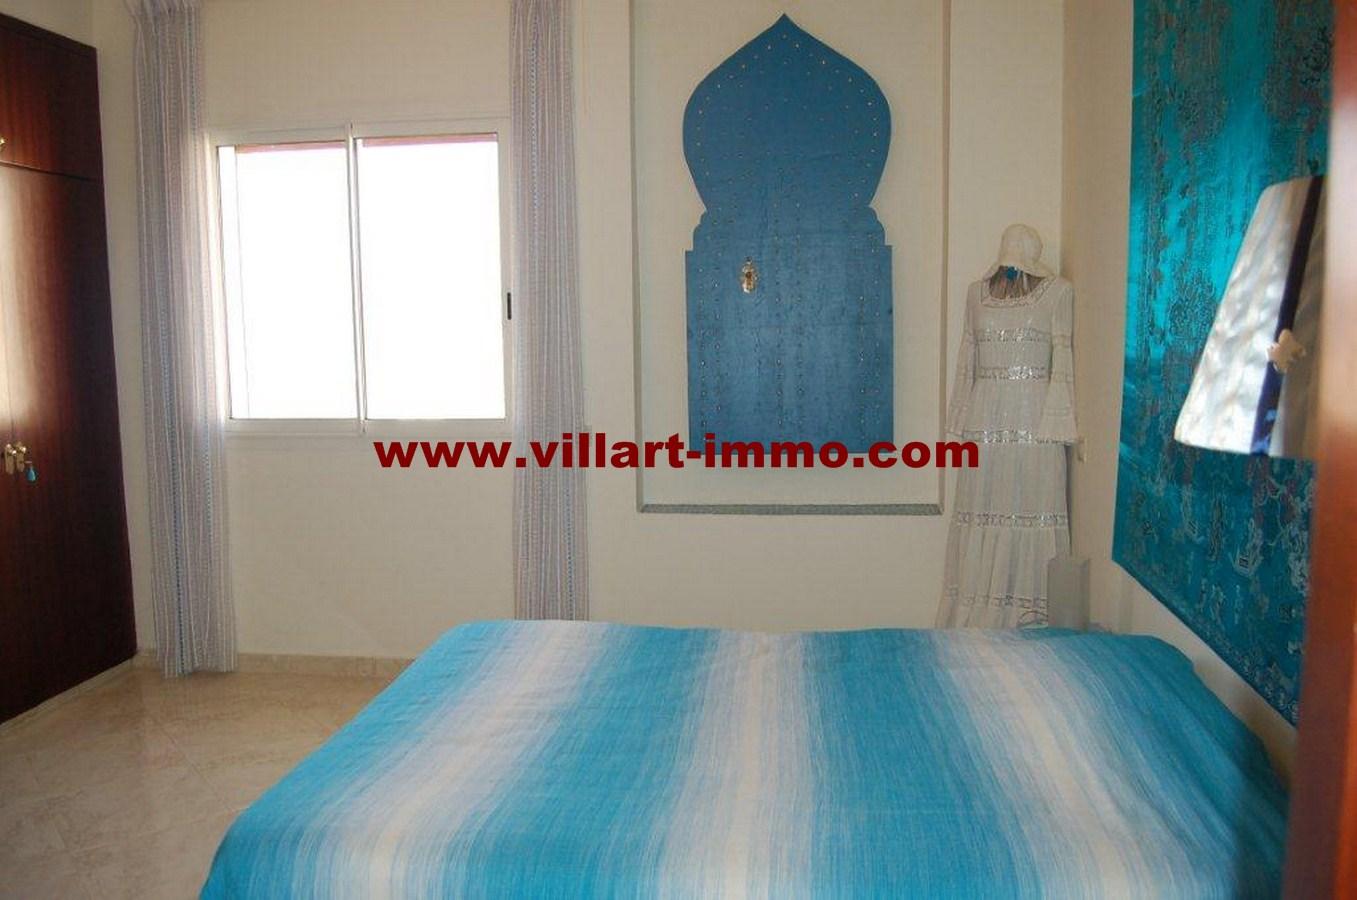 9-vente-appartement-tanger-la-montagne-chambre-3-va452-villart-immo